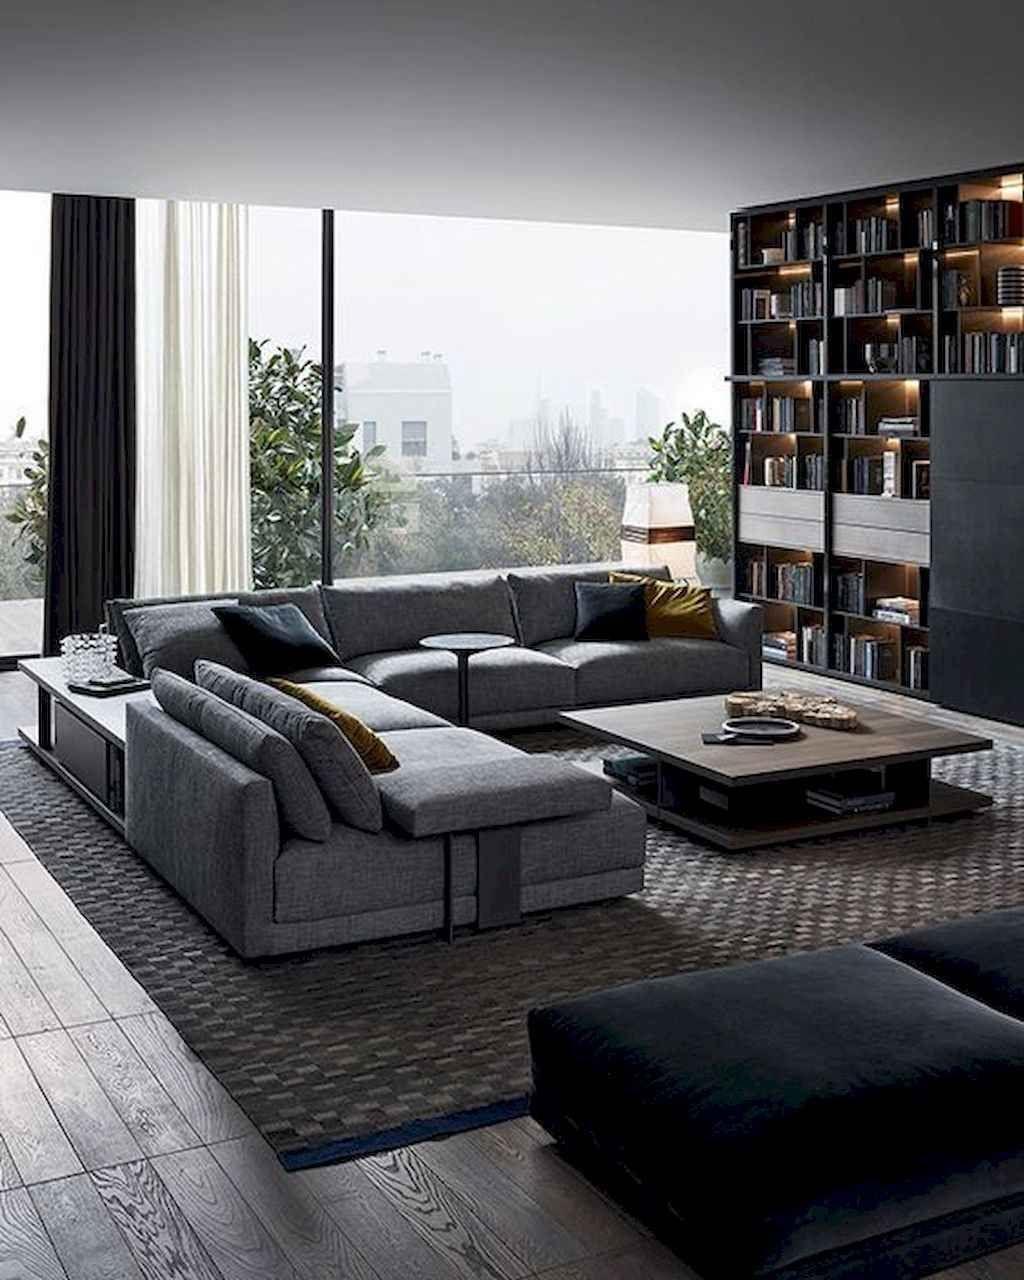 Elegant Luxury Living Room Ideas43